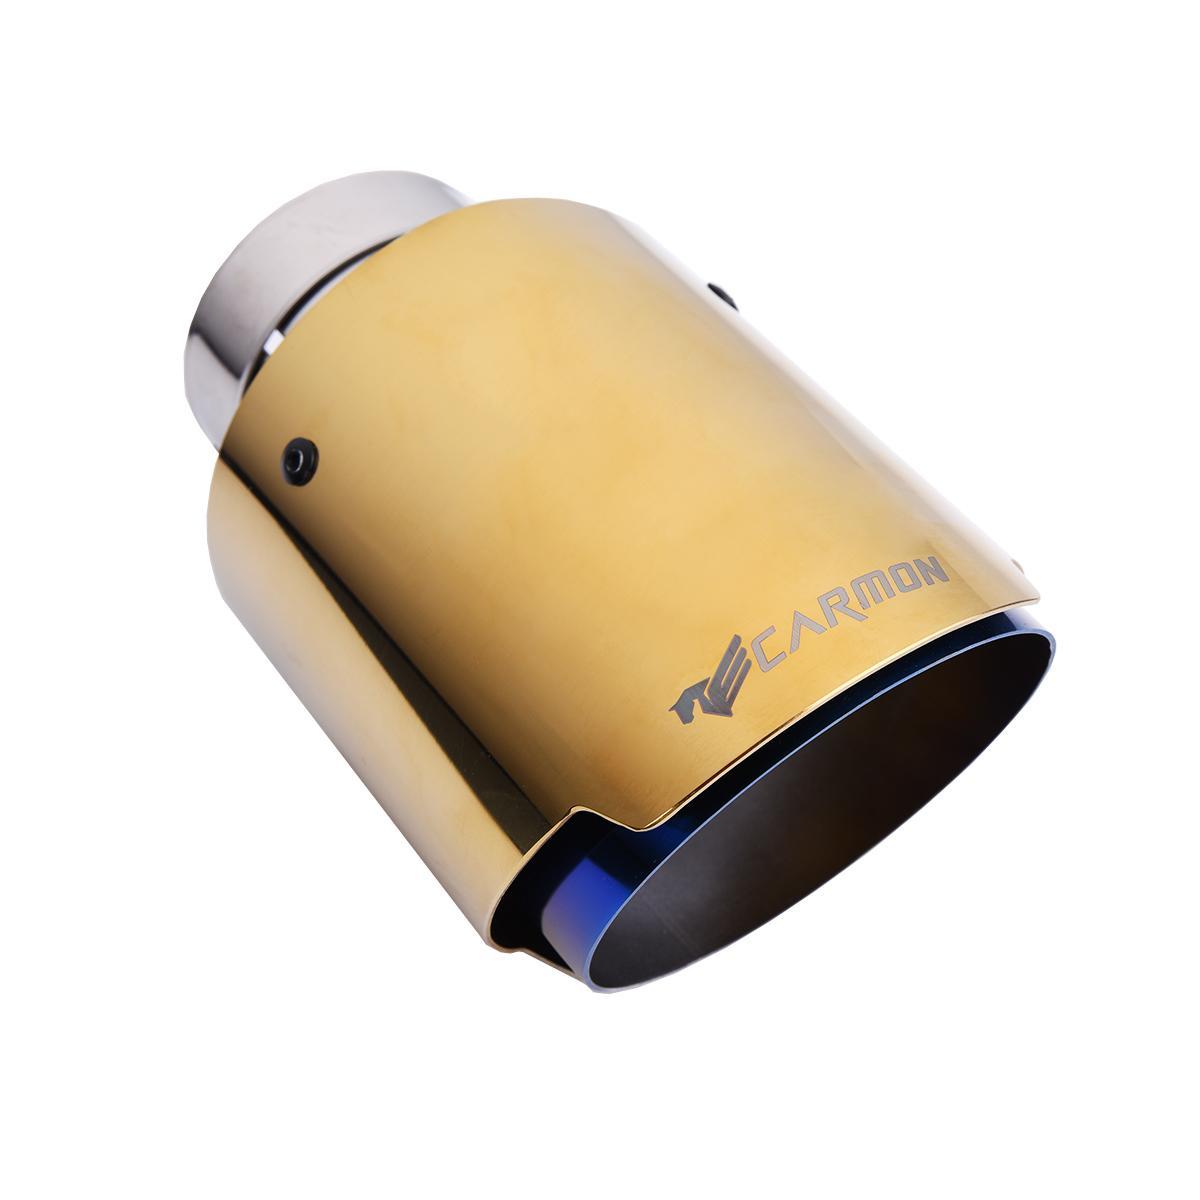 عوادم السيارات العالمي المحرقة الأزرق الفولاذ المقاوم للصدأ نصيحة الغلاف اللون الذهبي الخمار نصيحة للBMW BENZ أودي فولكس فاجن جولف أجزاء